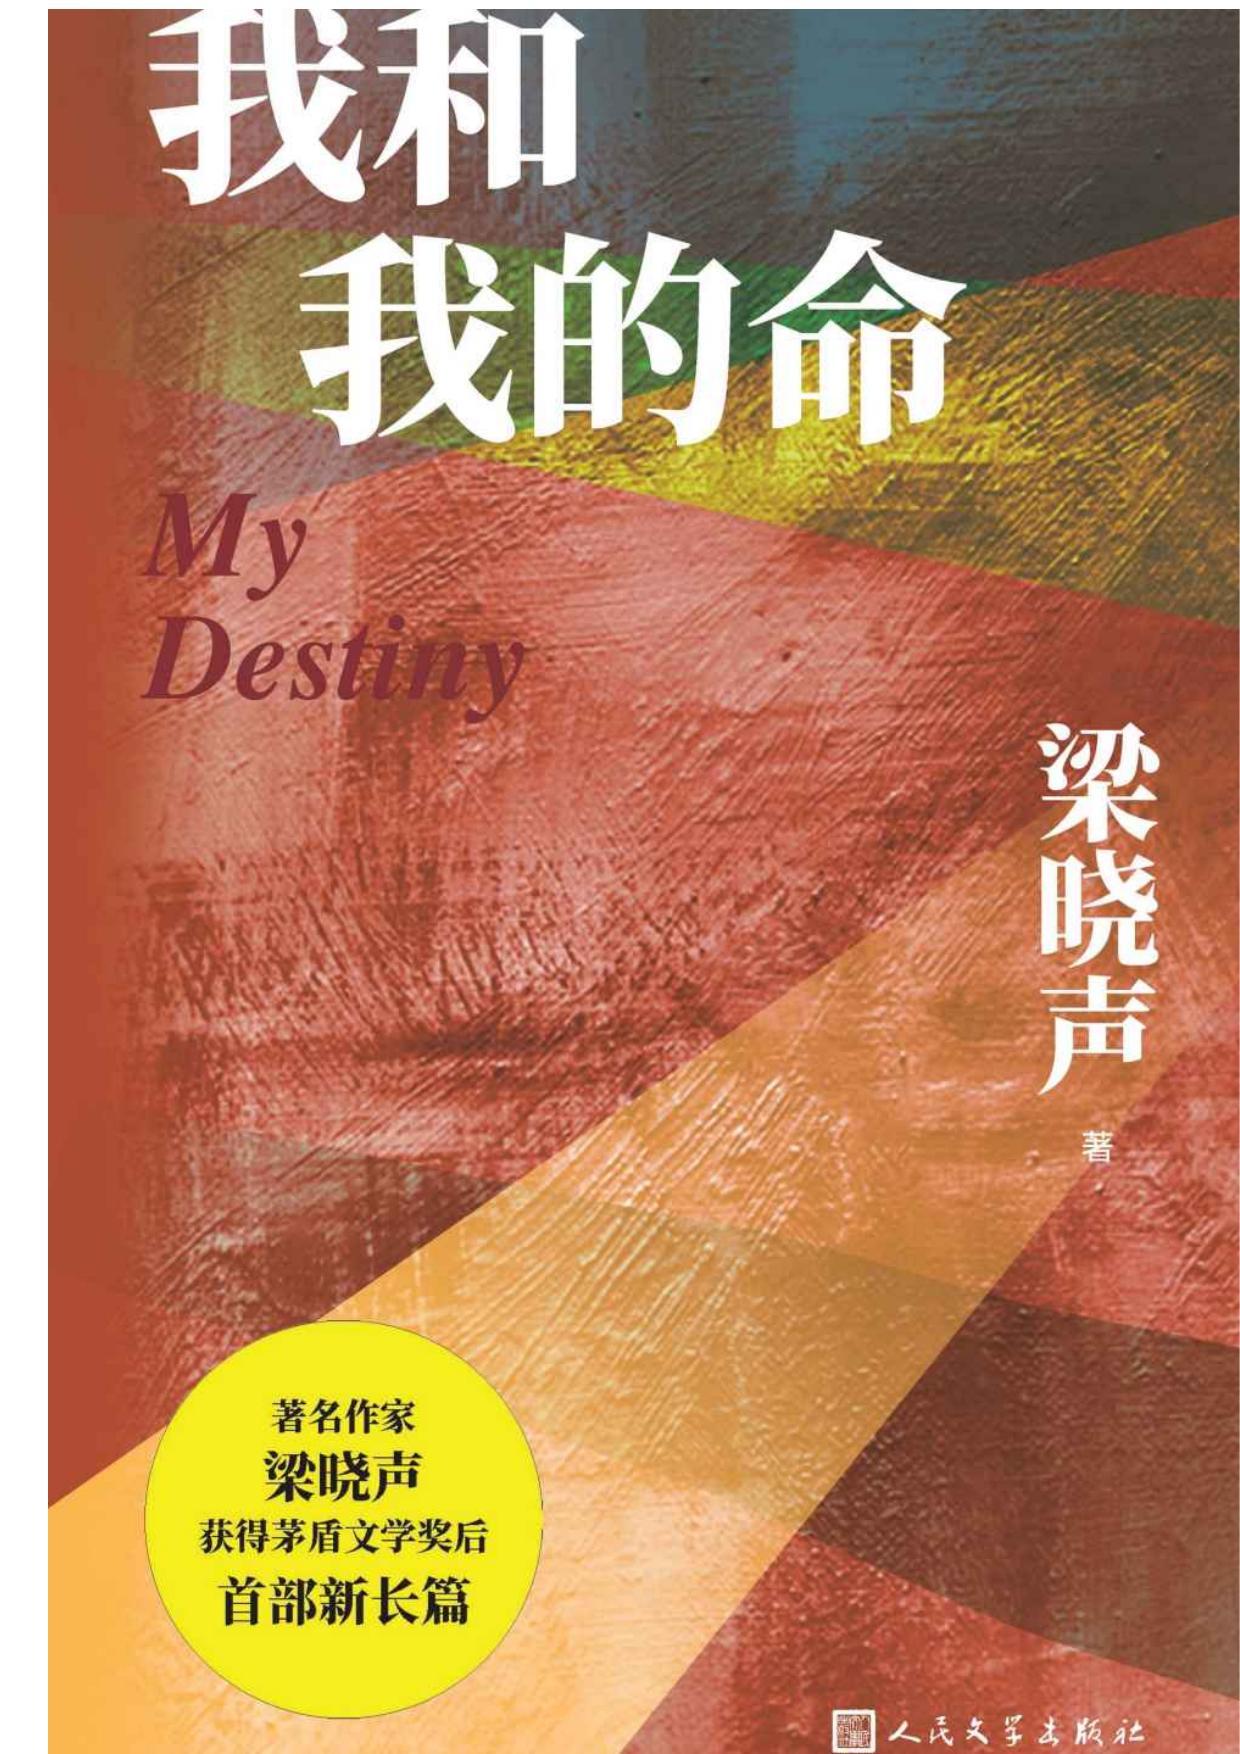 我和我的命—梁晓声—pdf+mobi+epub+txt+azw3电子书下载